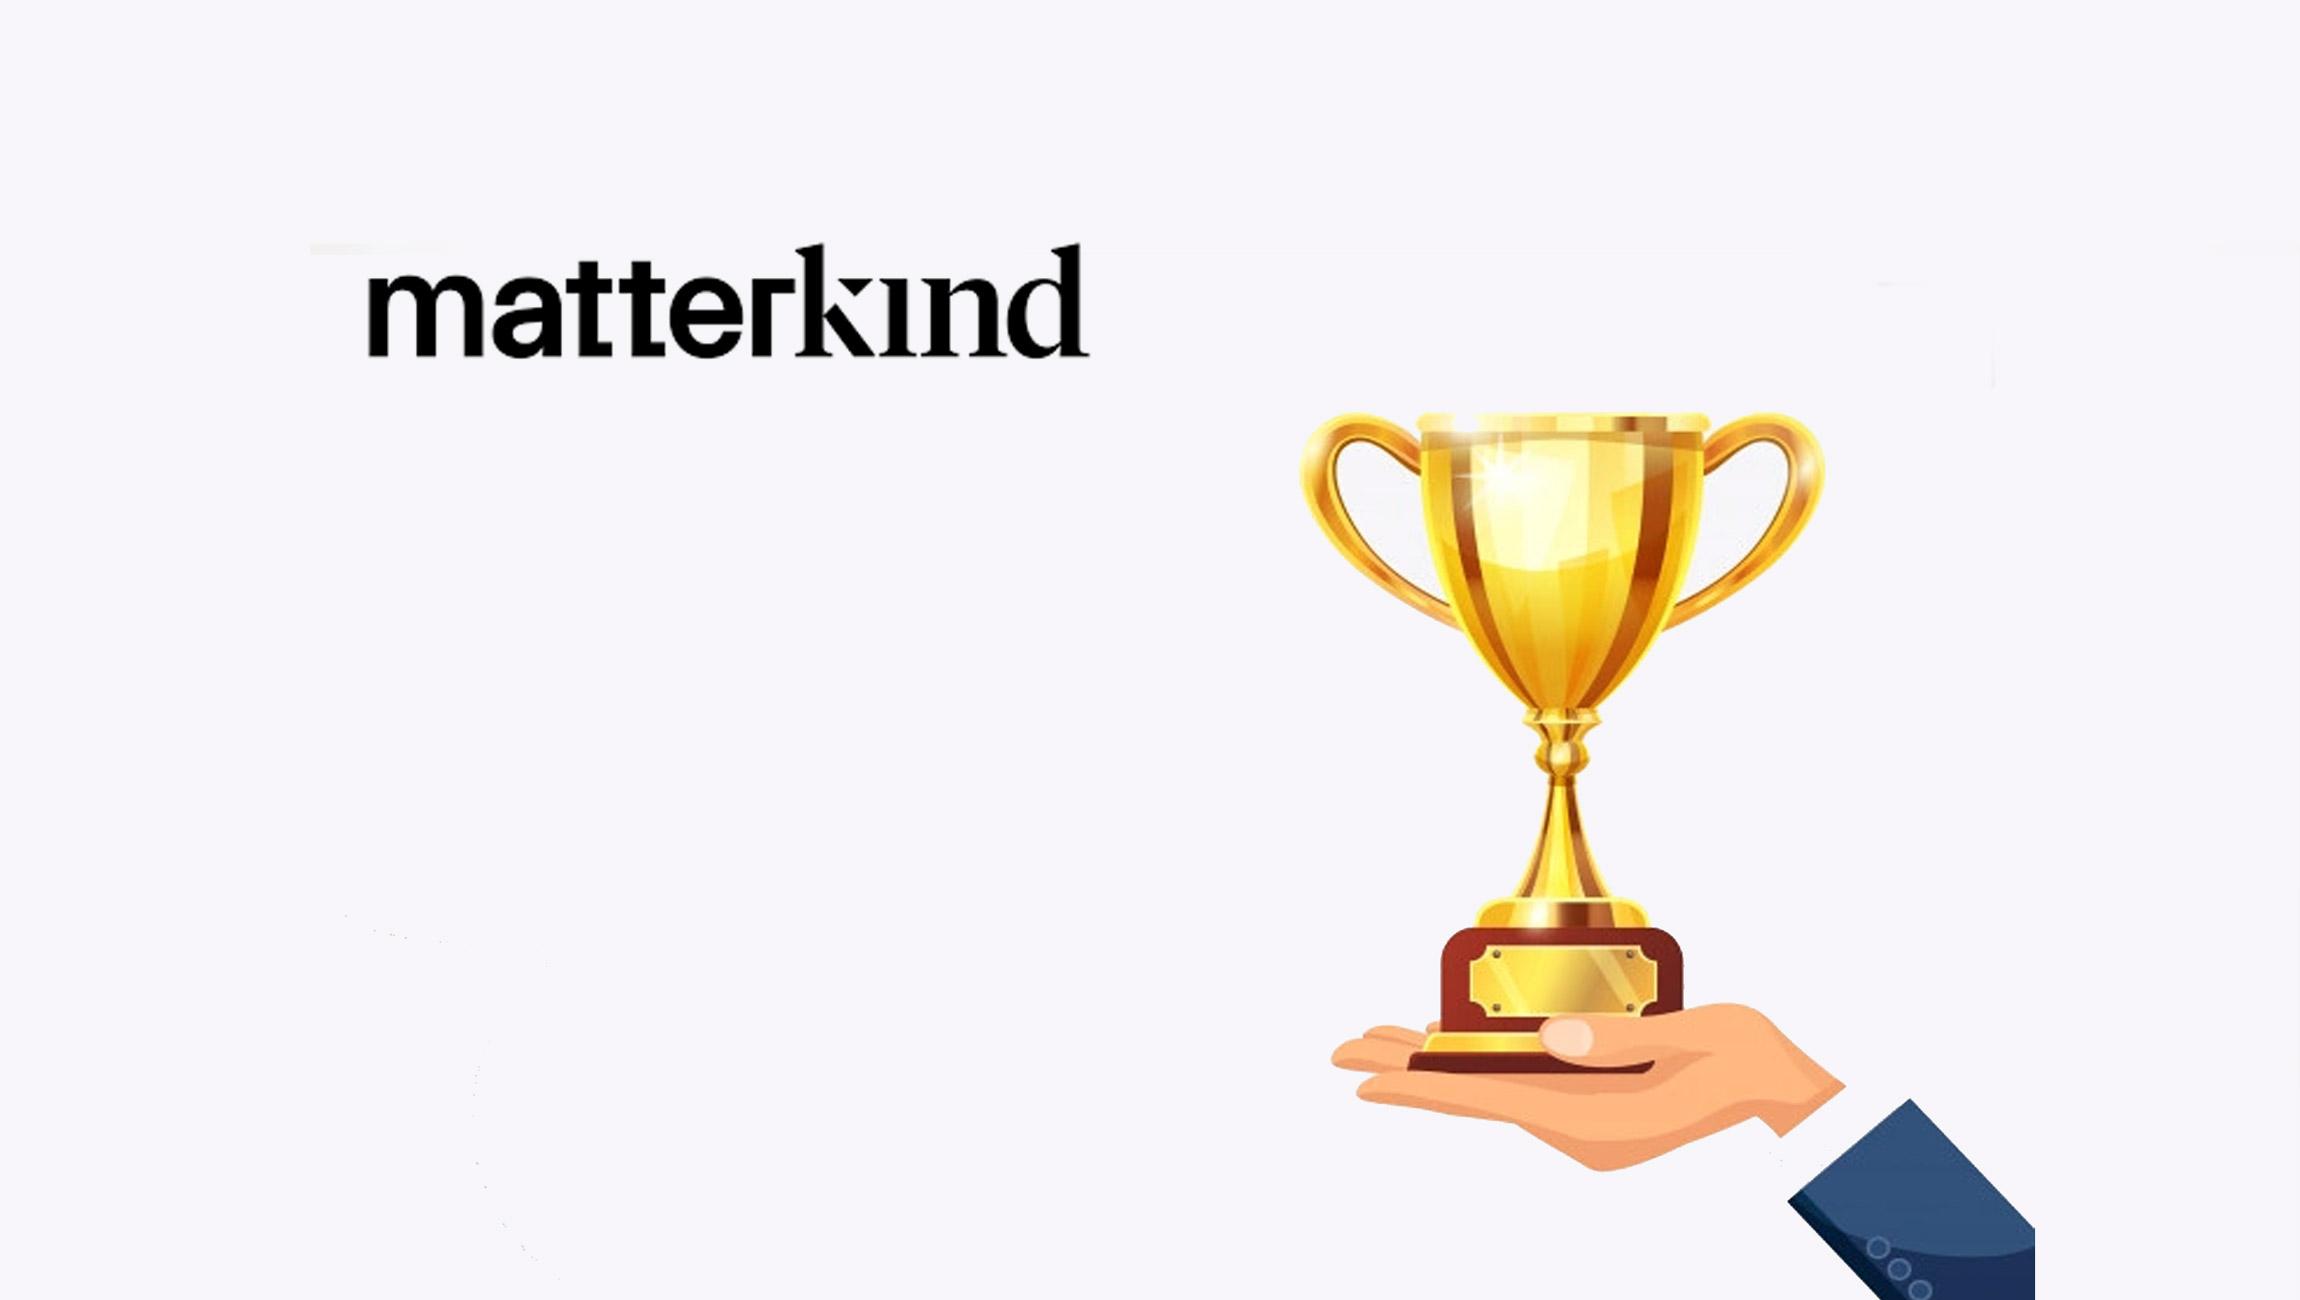 Matterkind-Awarded-for-Innovation-Technology